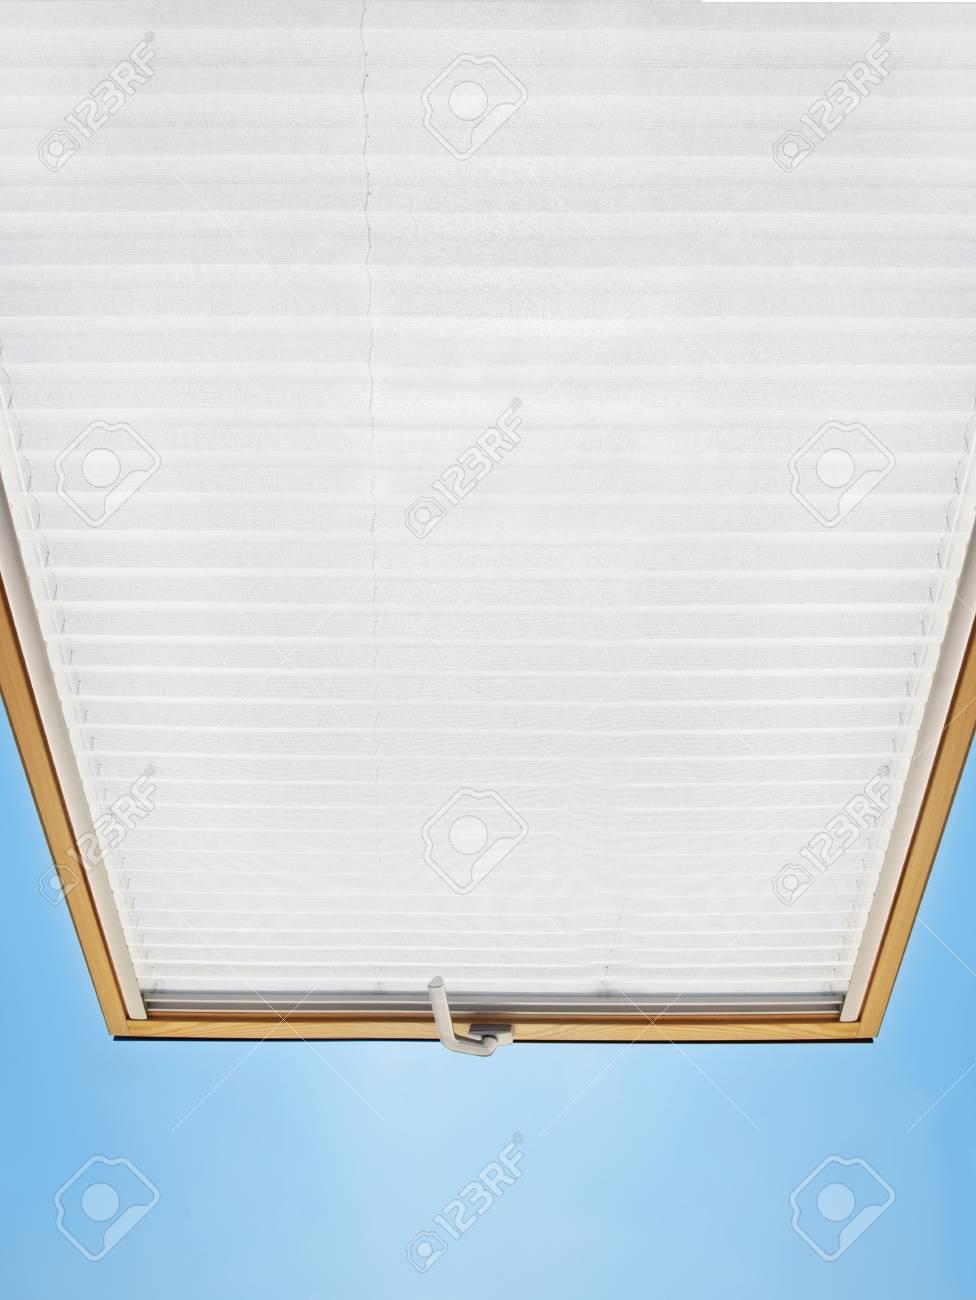 Banque Du0027images   Une Fenêtre Mansardée Ouverte Moderne Dans Une Chambre  Mansardée Contre Le Ciel Bleu